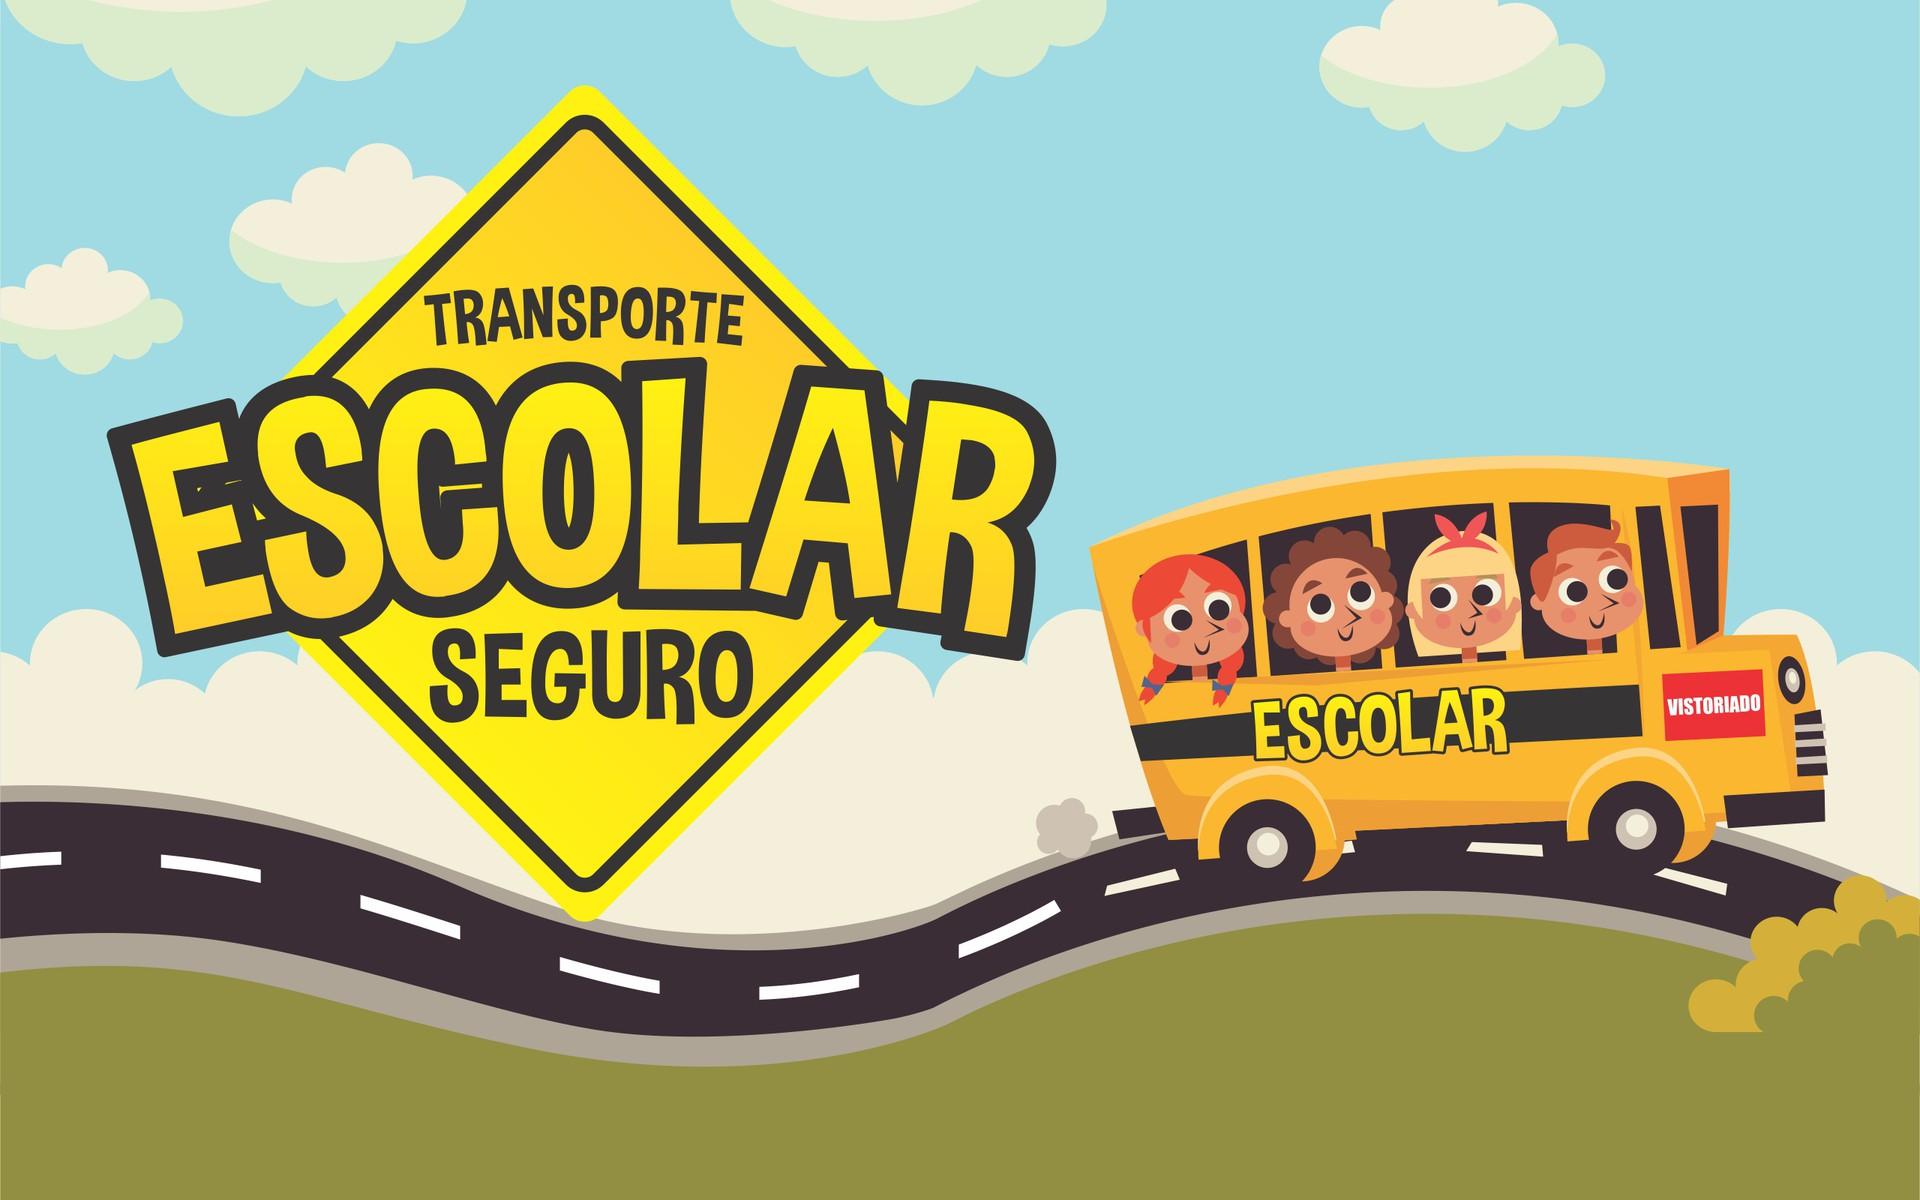 Transporte Escolar: Câmara reivindica curso para condutores